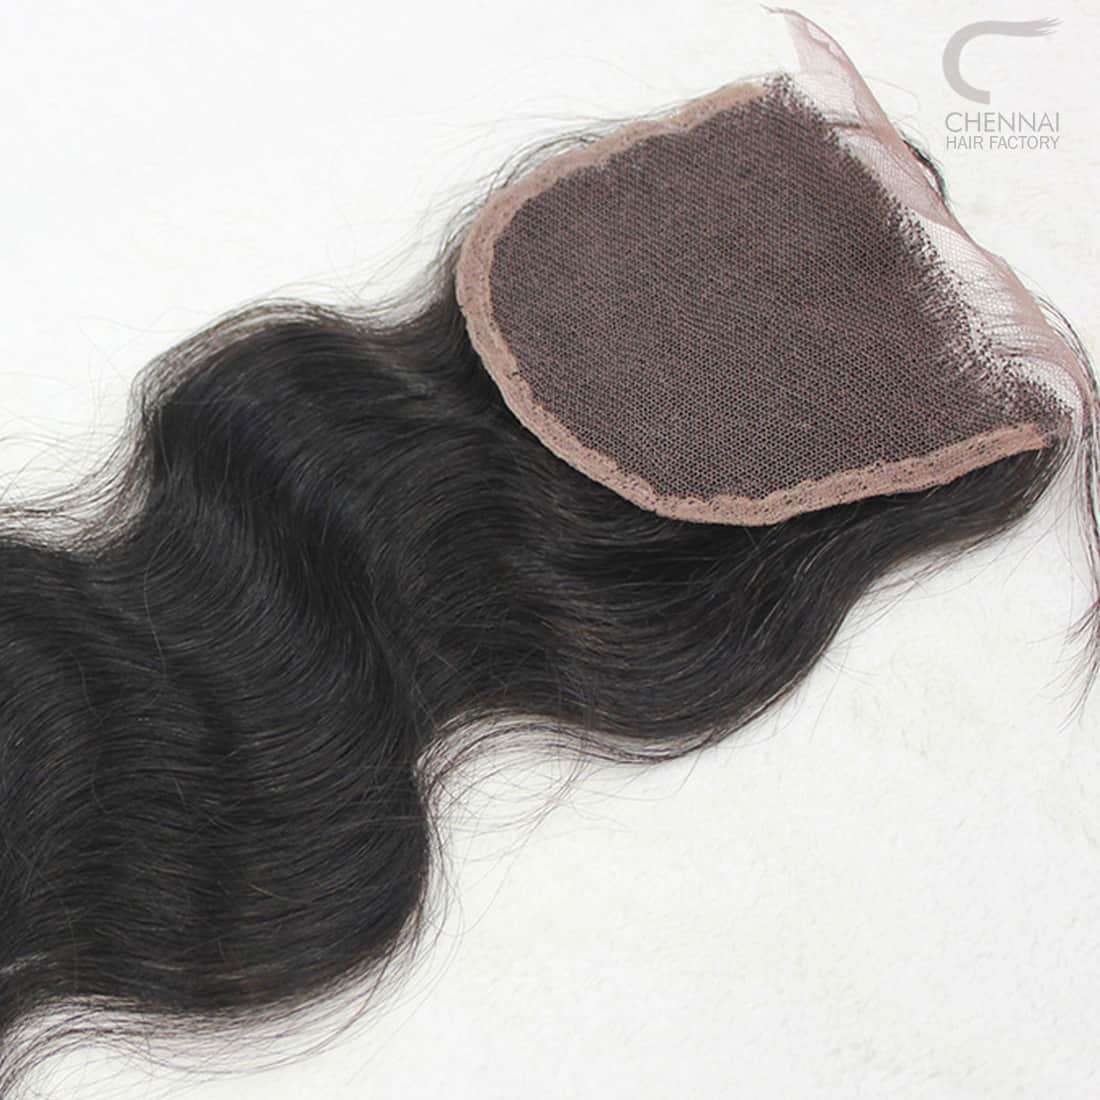 Hair Closures Made From Natural Human Hair